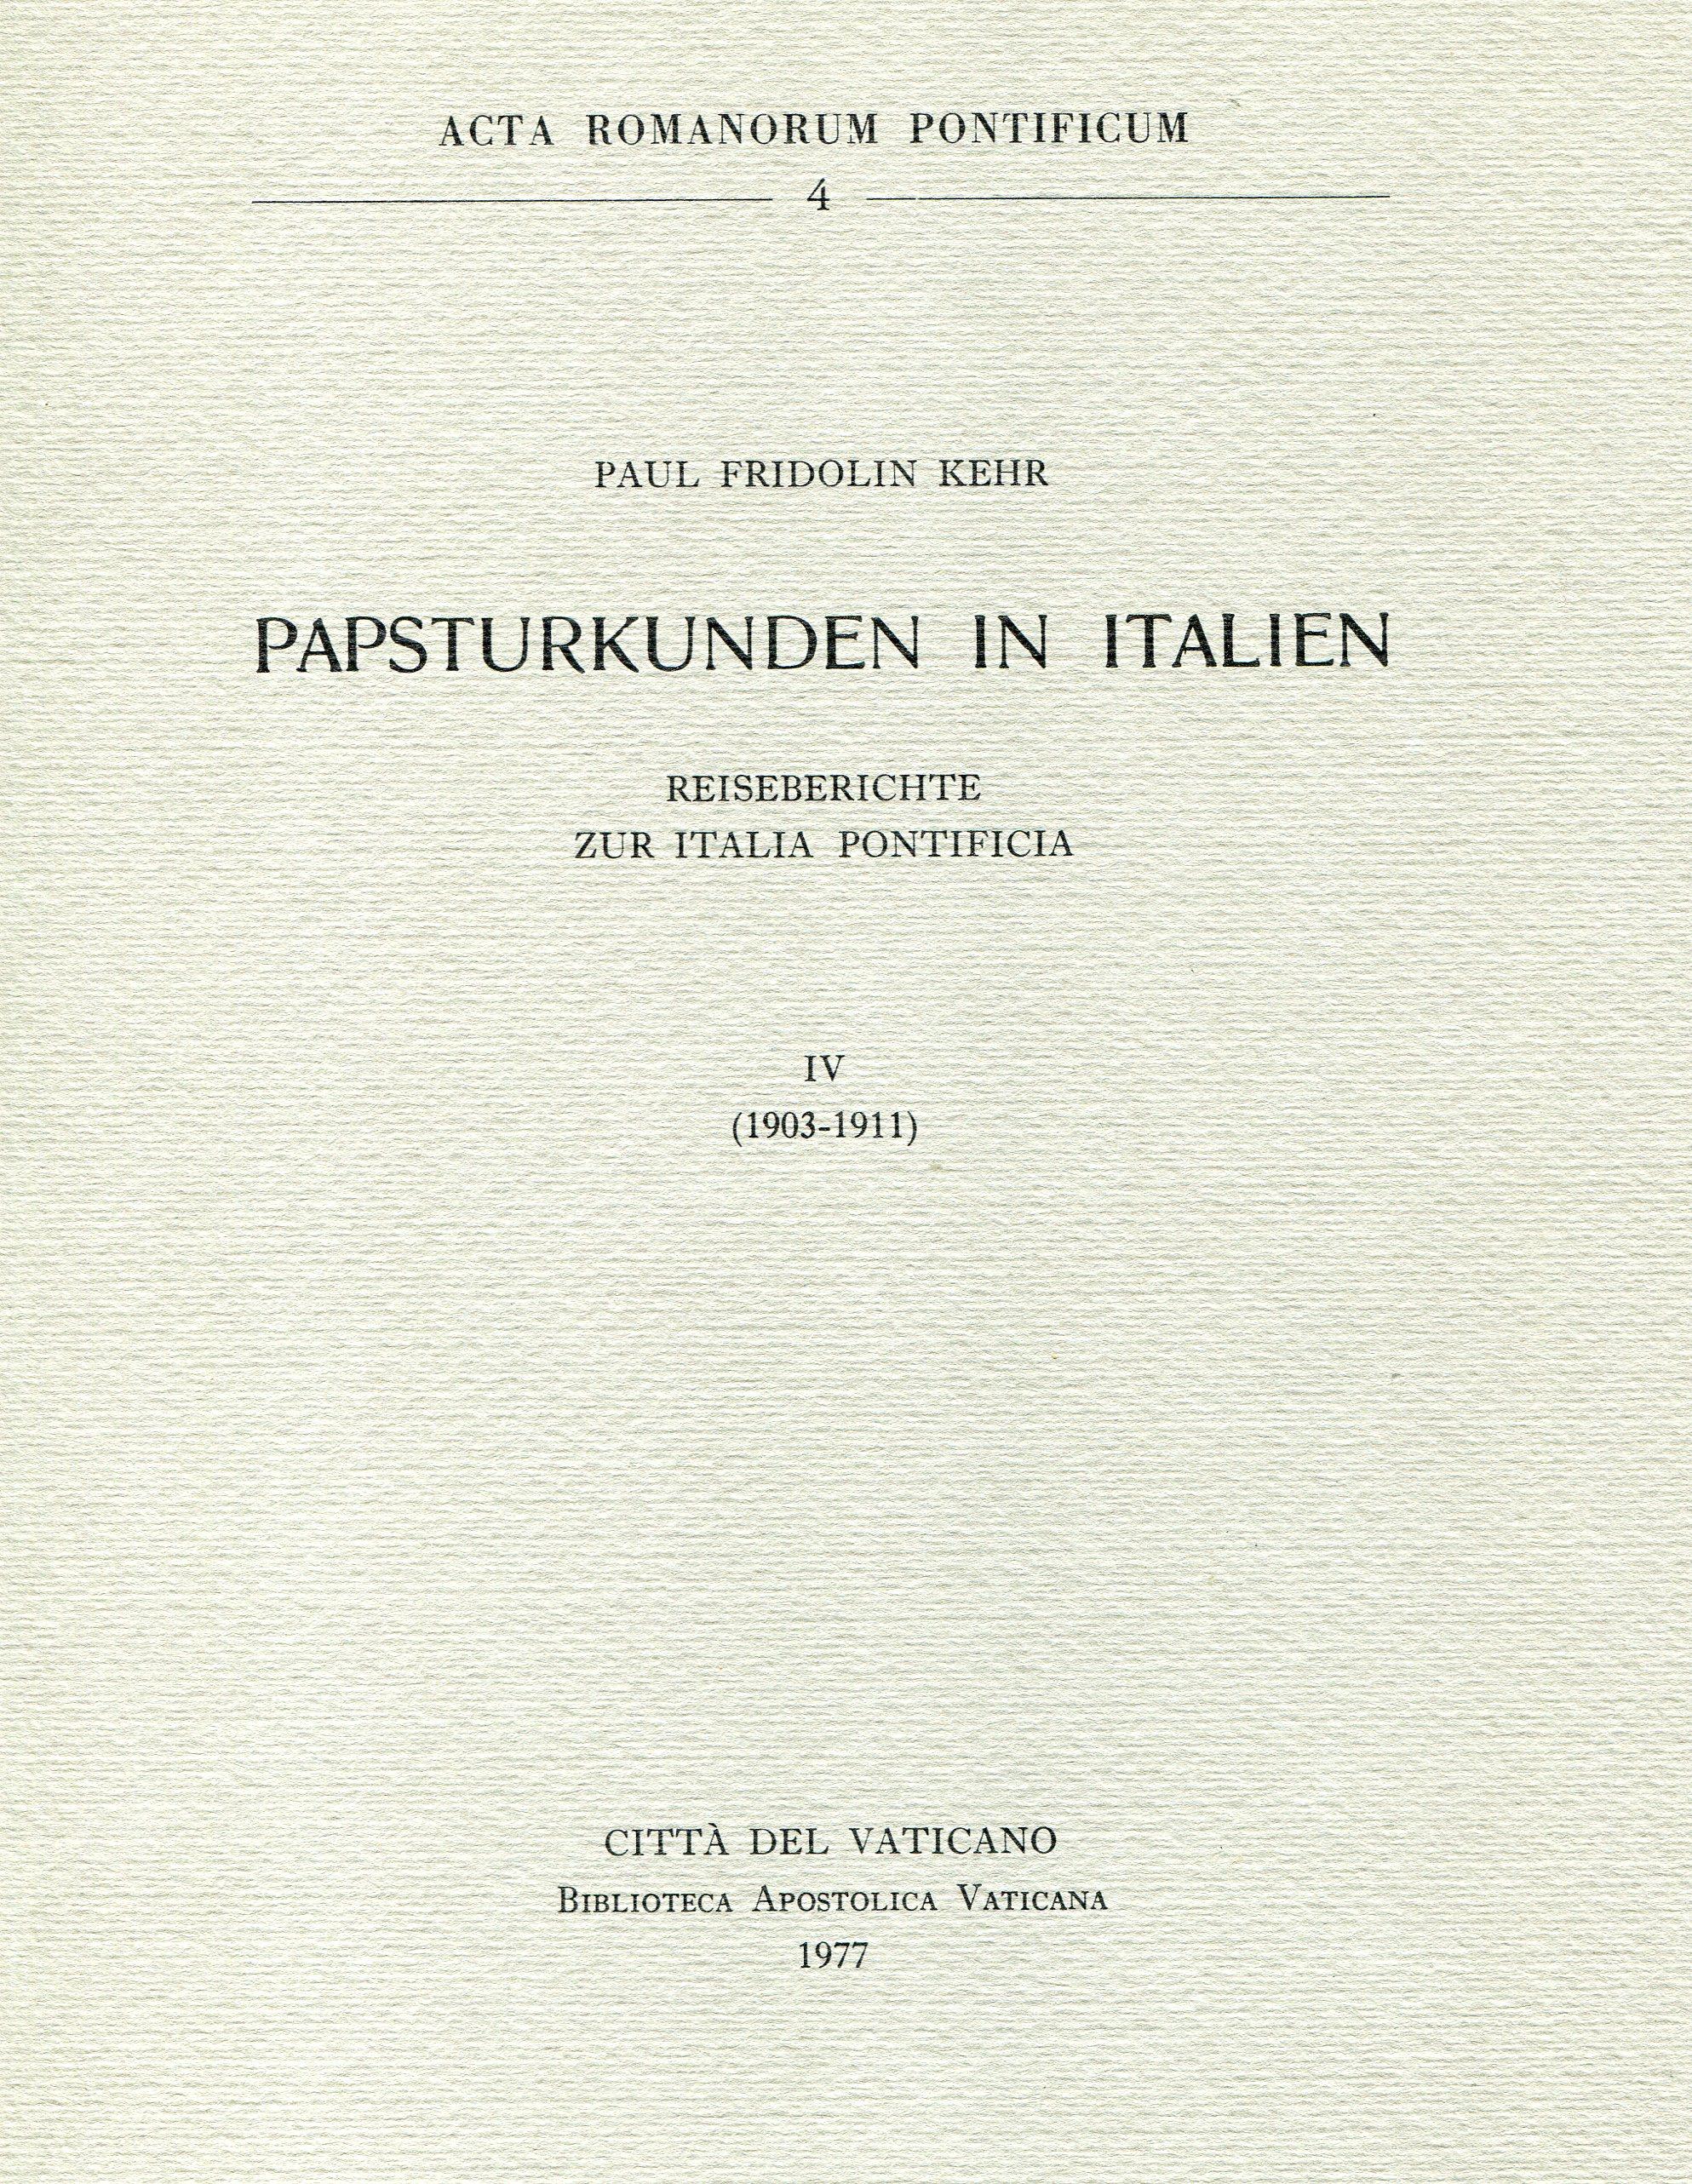 Papsturkunden in Italien. Reiseberichte zur Italia pontificia ‒ Vol. IV. 1903-1911.